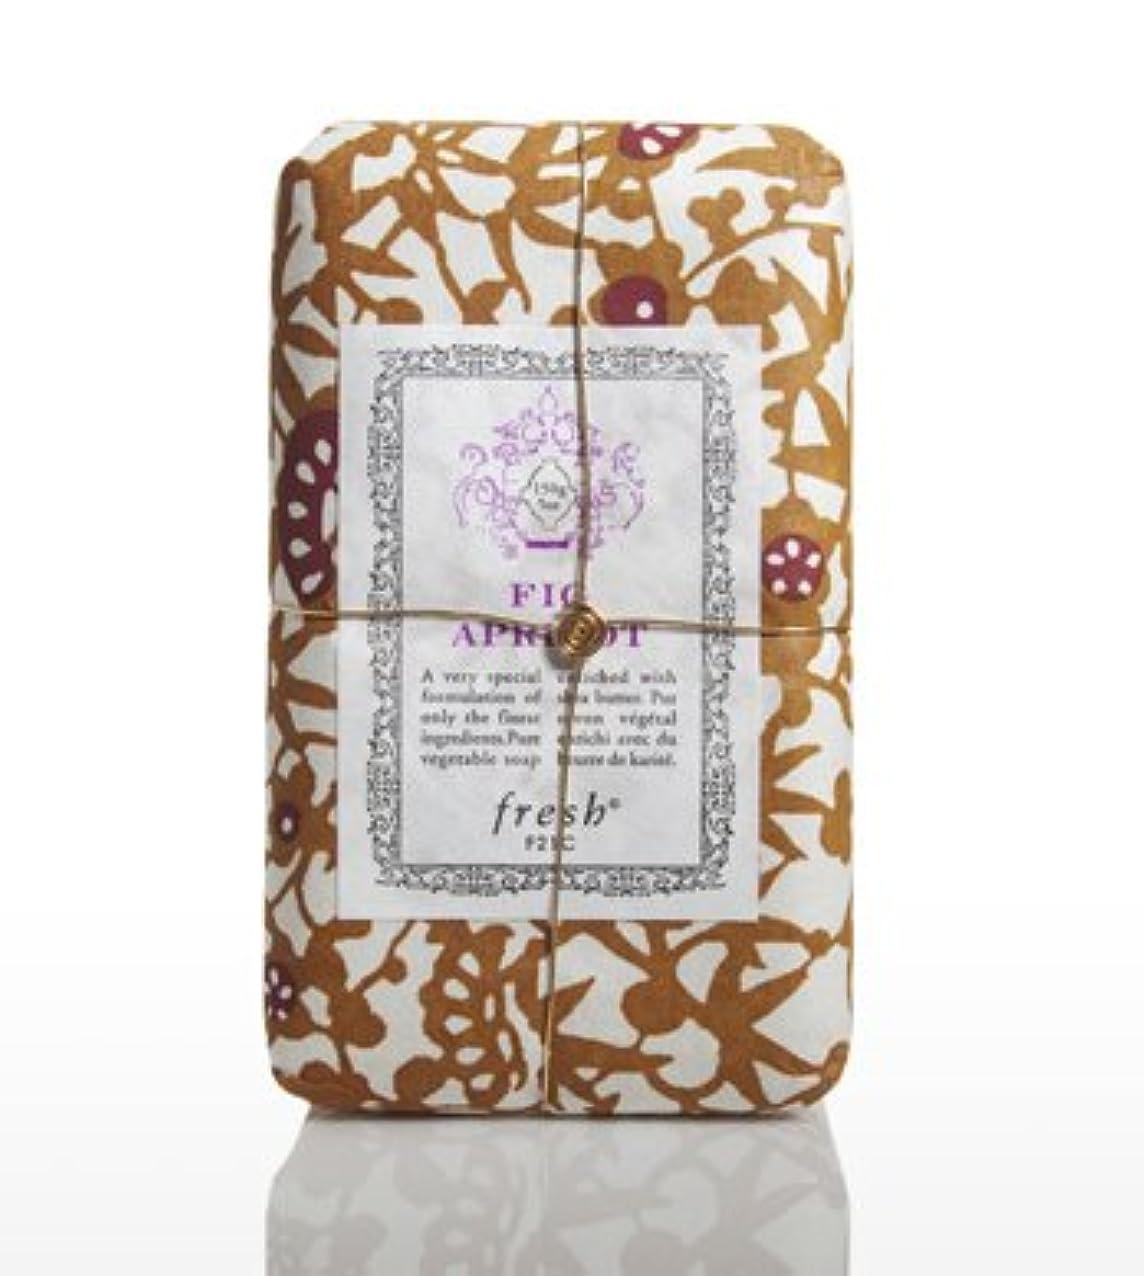 バースマカダム目的Fresh FIG APRICOT SOAP(フレッシュ フィグアプリコット ソープ) 5.0 oz (150gl) 石鹸 by Fresh